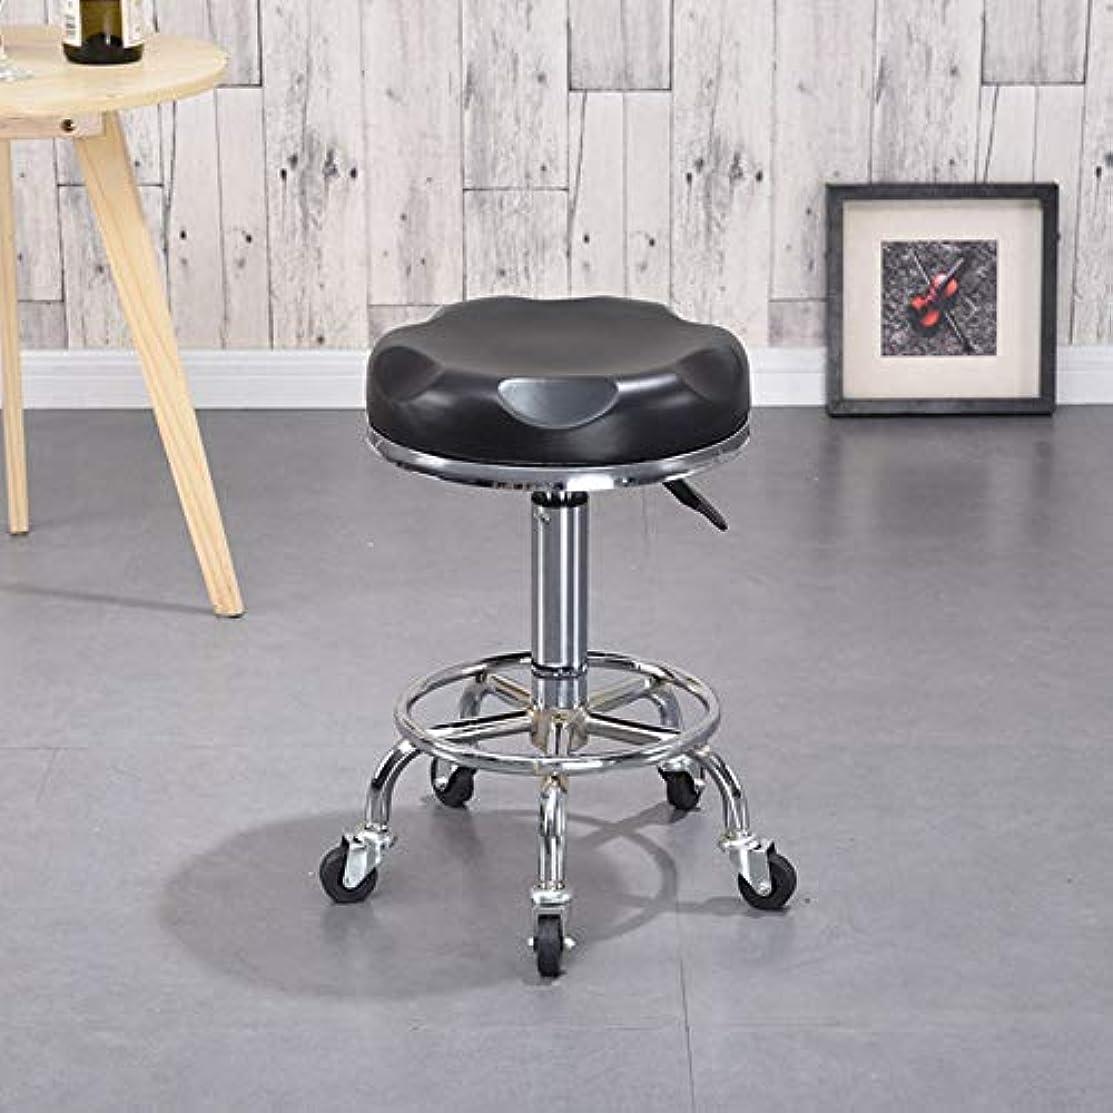 粗い手のひら一口ローリング回転スツール製椅子、車輪付き、メタル三脚、マッサージスパサロン美容理髪マニキュアキッチンギターオフィス,BlackA